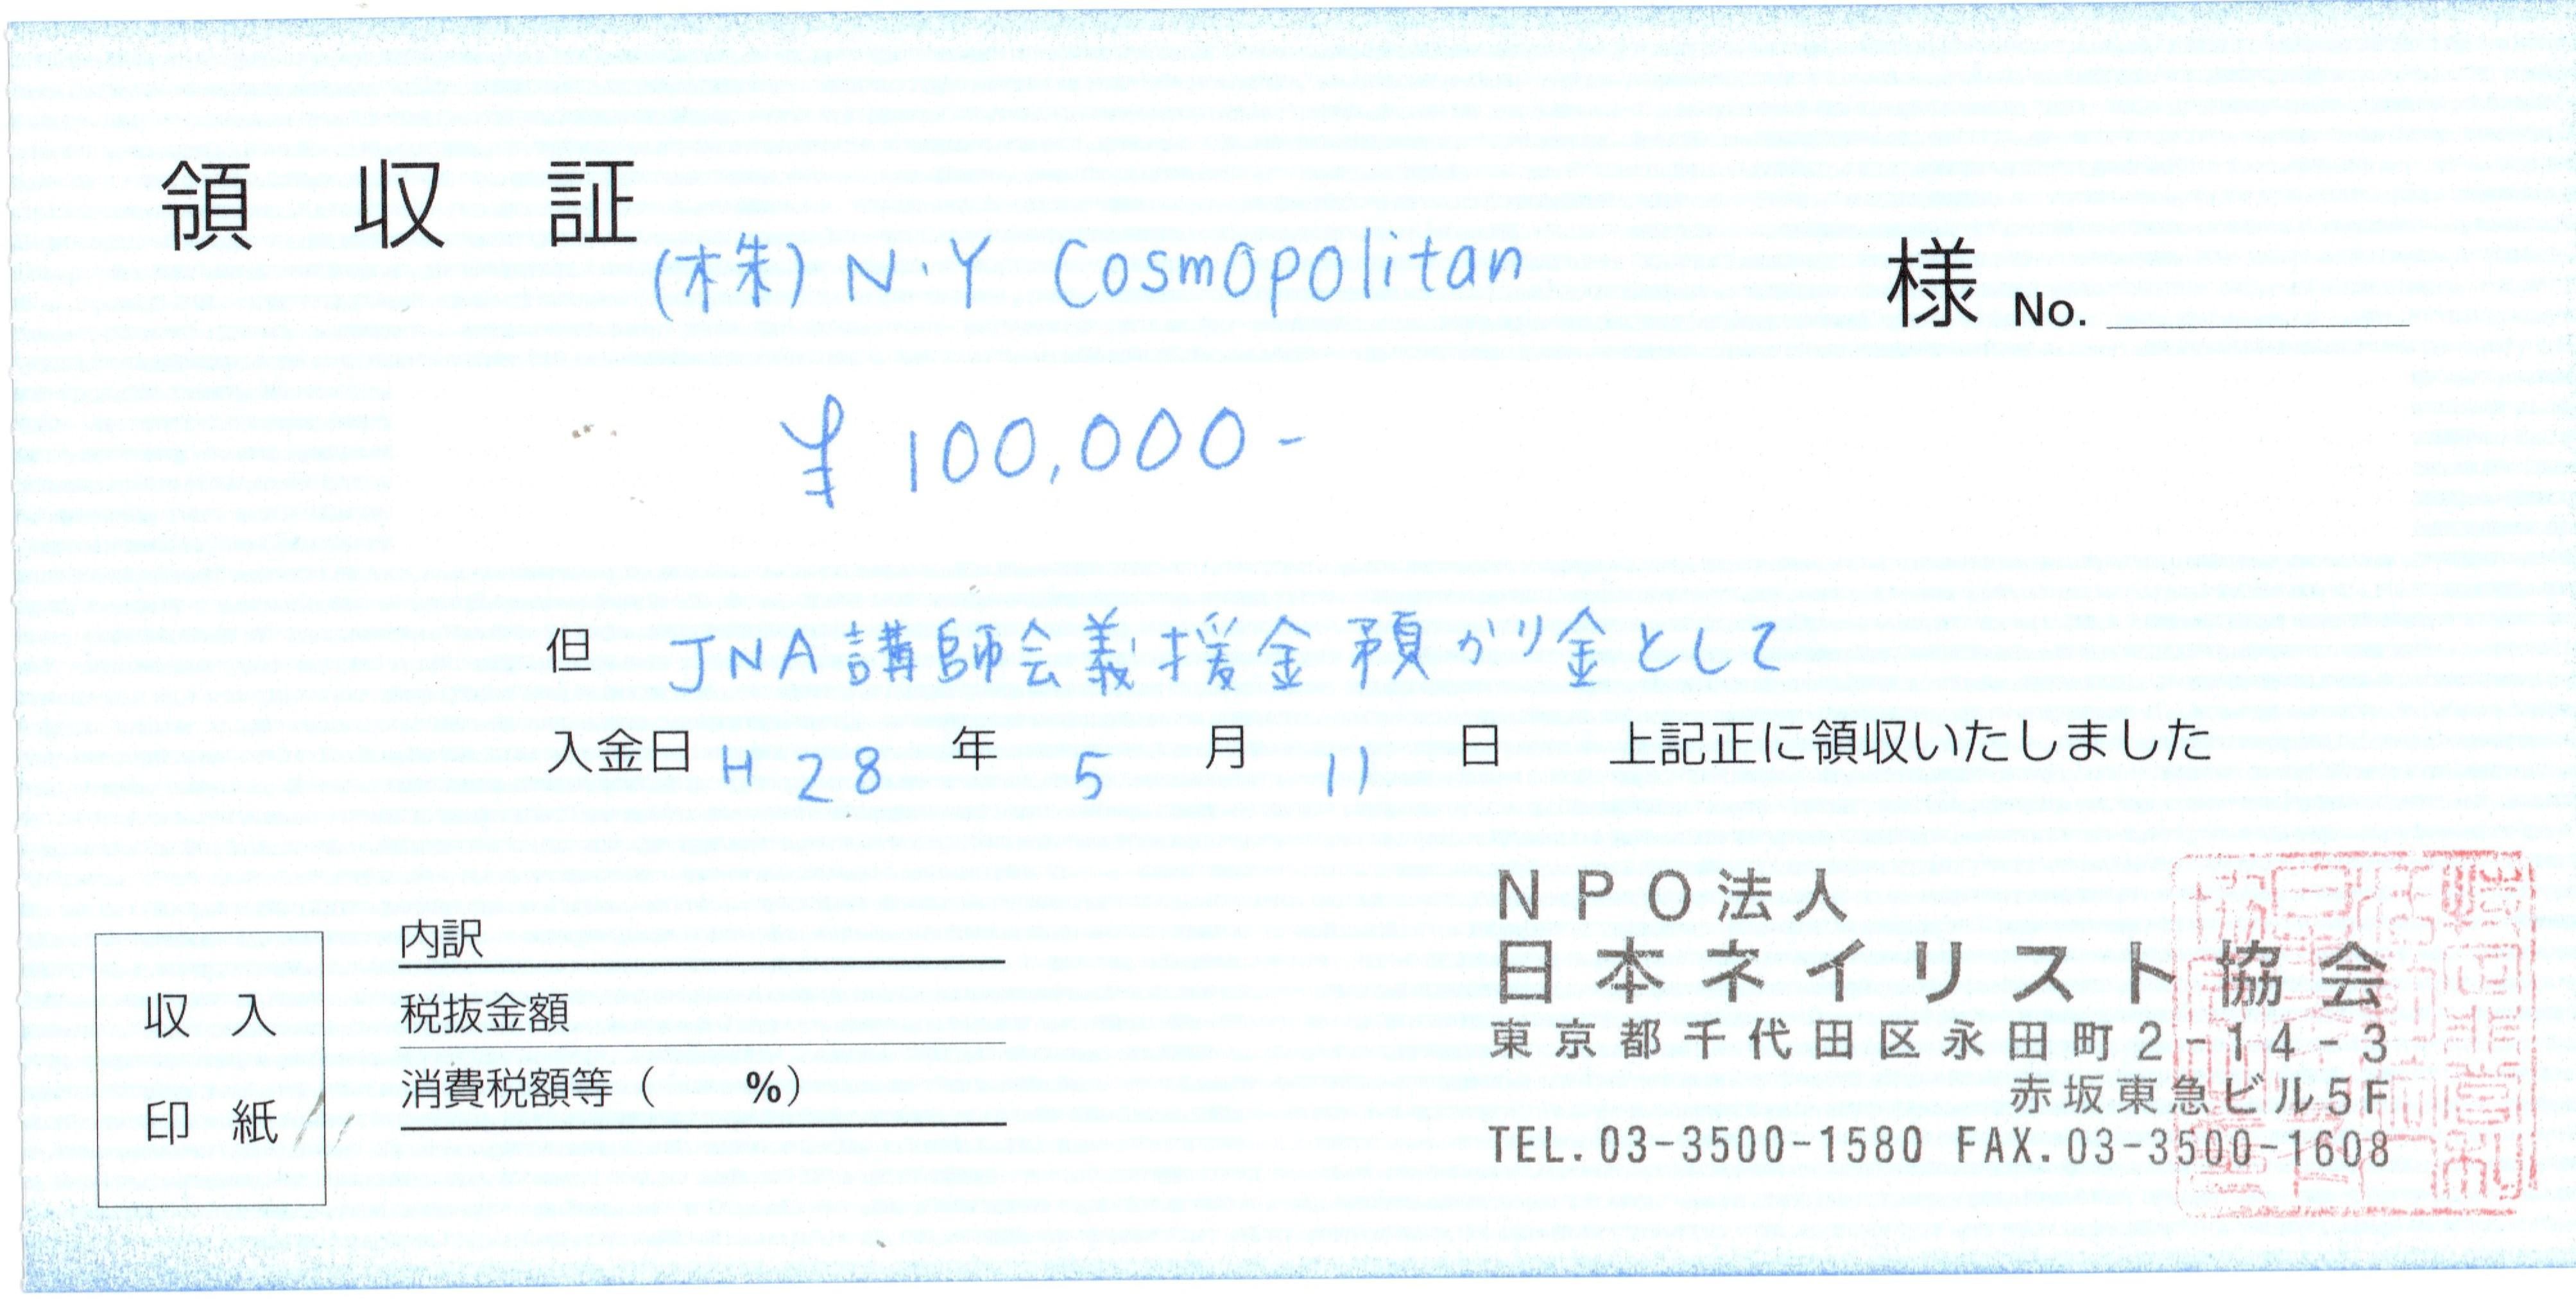 熊本県義援金預かり書